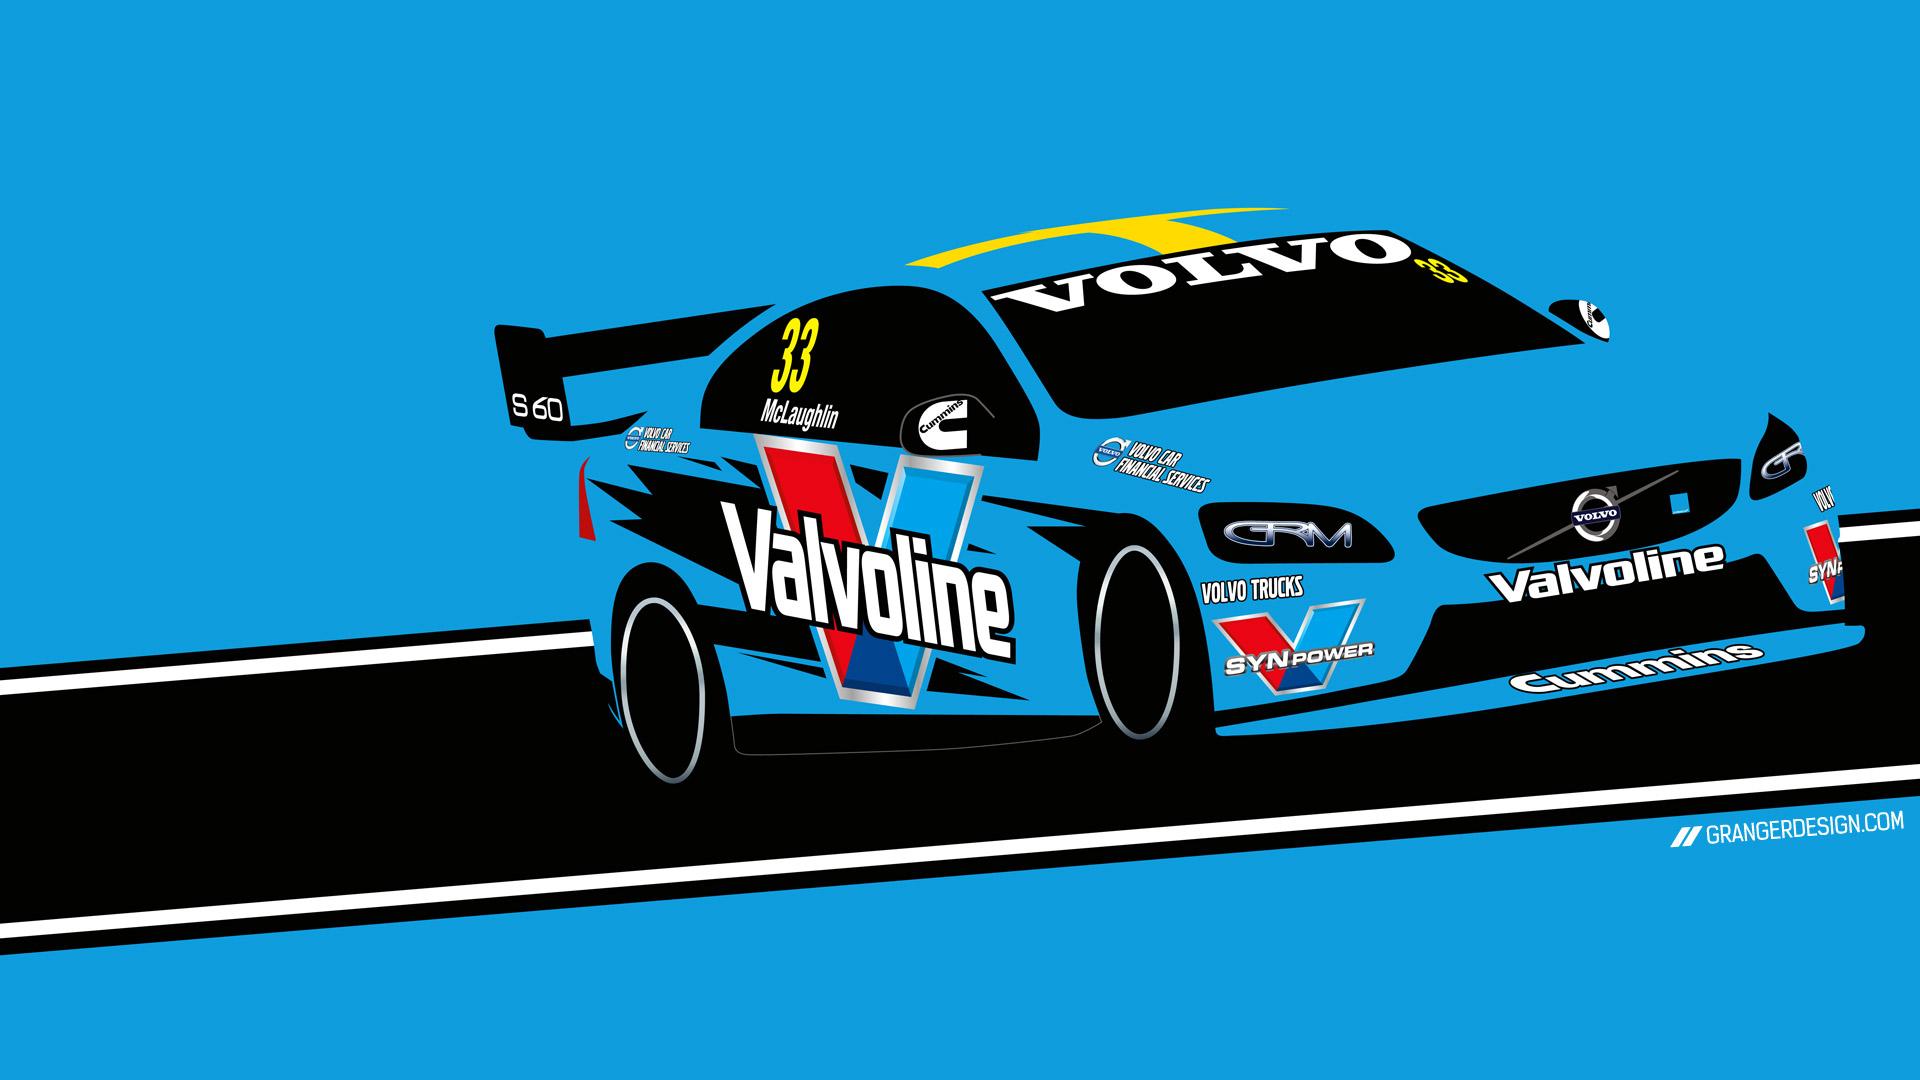 Volvo V8 Supercars Wallpaper VOLVO JO SWEDISH CAR FANSITE 1920x1080